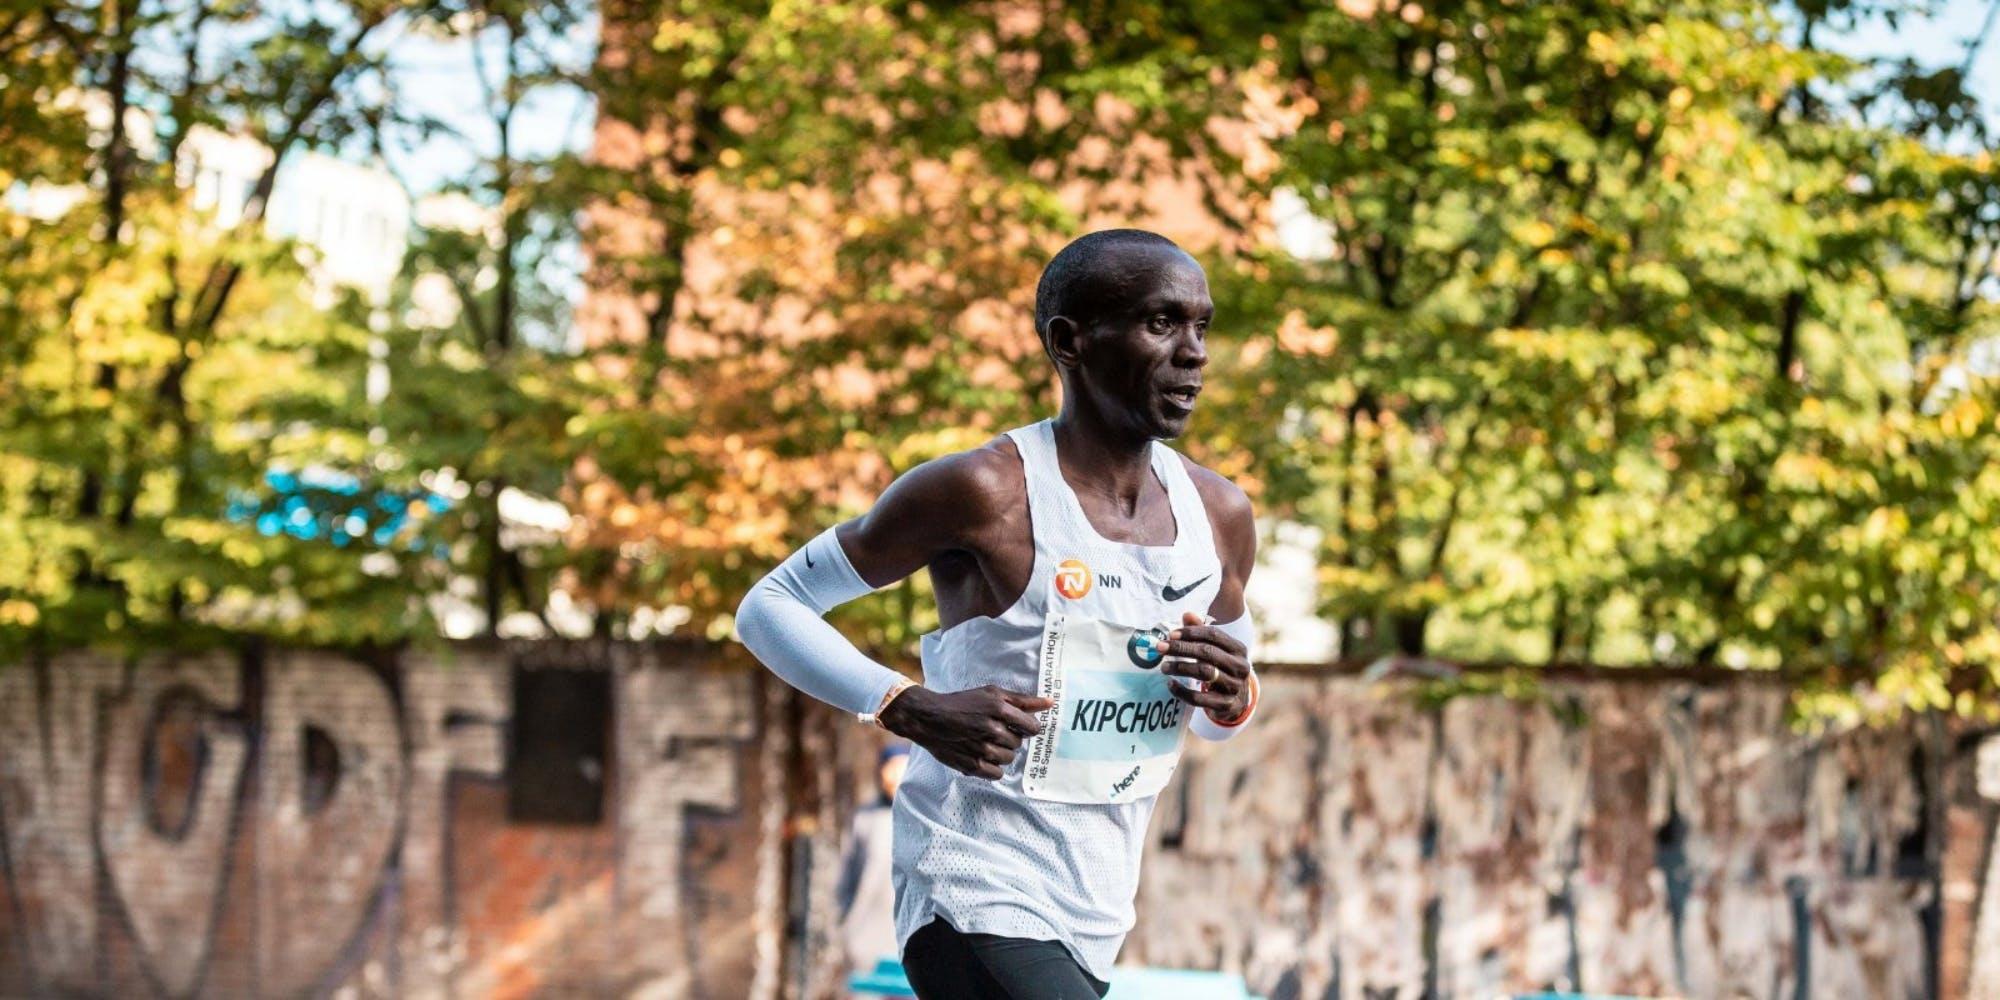 «Γιατί δεν πρέπει να ακολουθούμε τα προγράμματα προπόνησης ελίτ δρομέων ή πρωταθλητών;», του Δημήτρη Τζεφαλή